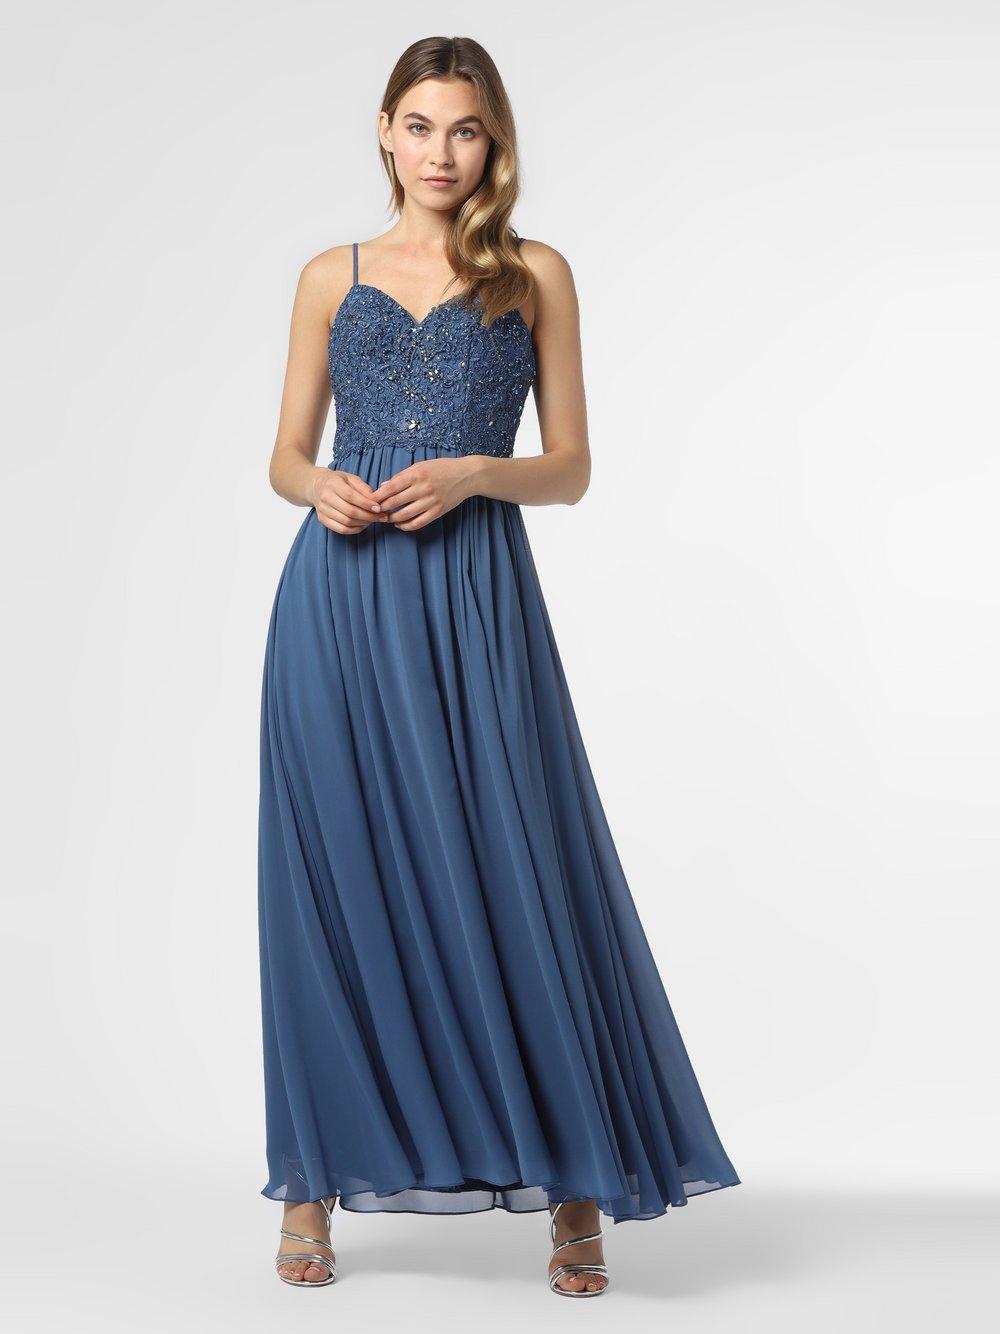 Laona – Damska sukienka wieczorowa, niebieski Van Graaf 484026-0001-00400